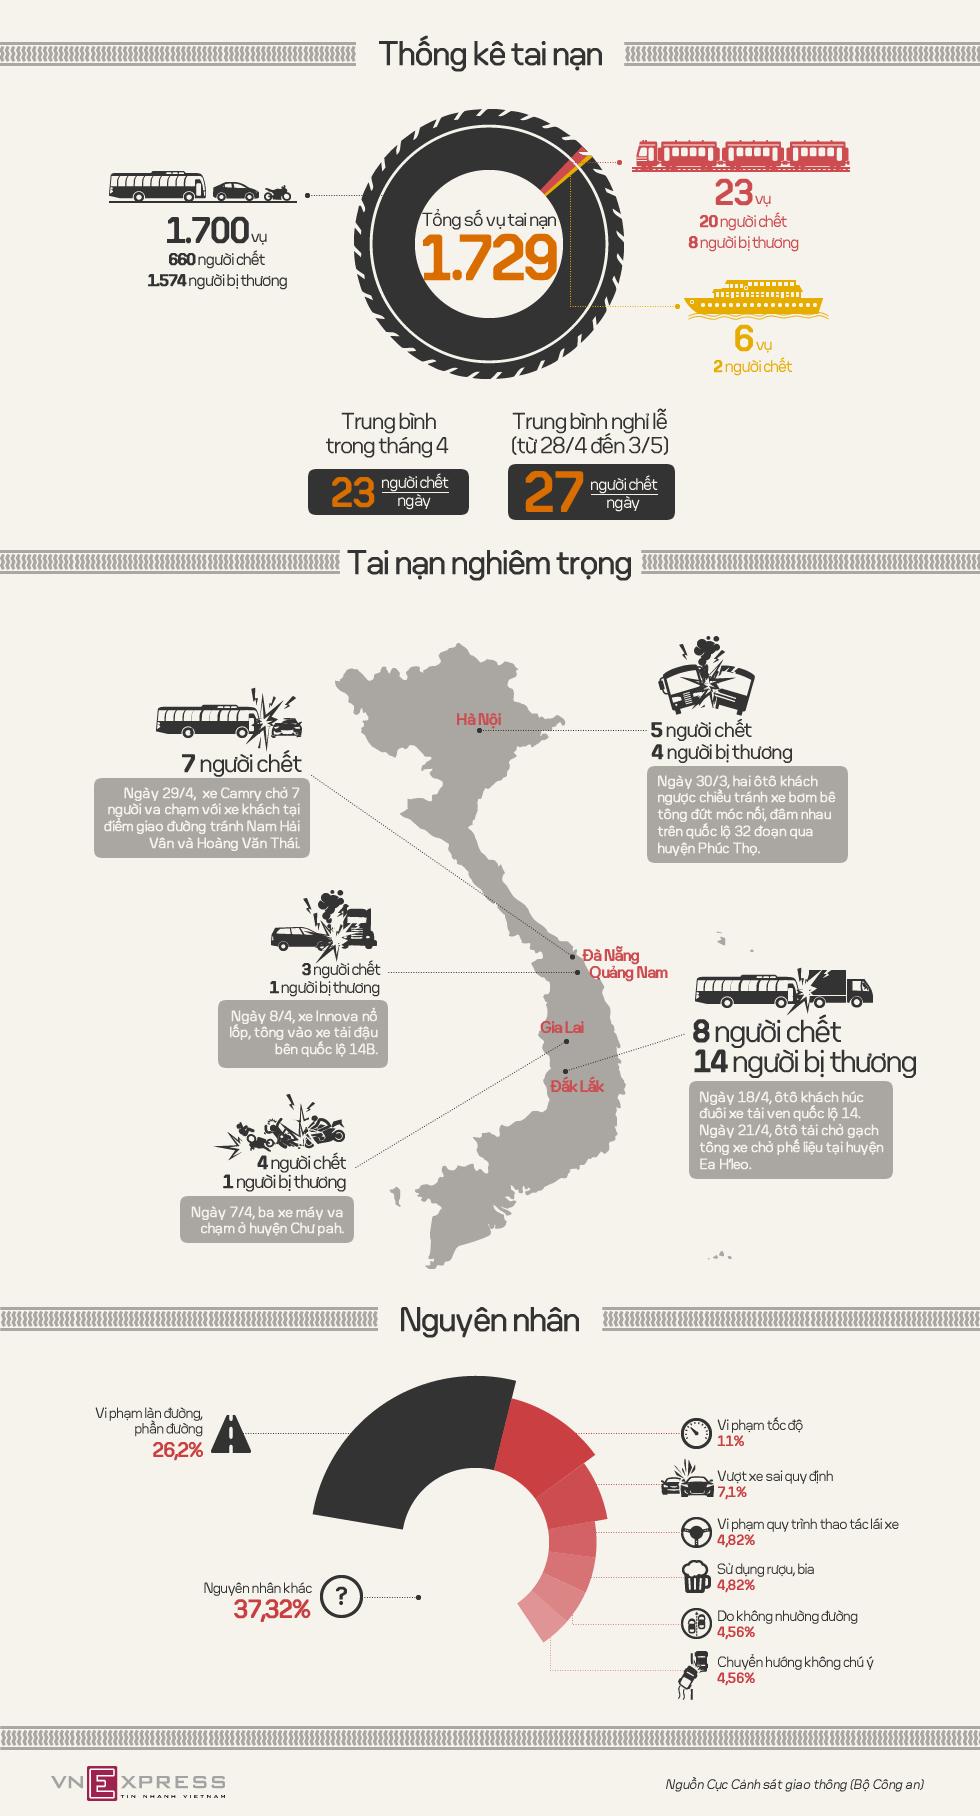 Nhiều vụ tai nạn giao thông nghiêm trọng trong tháng tư